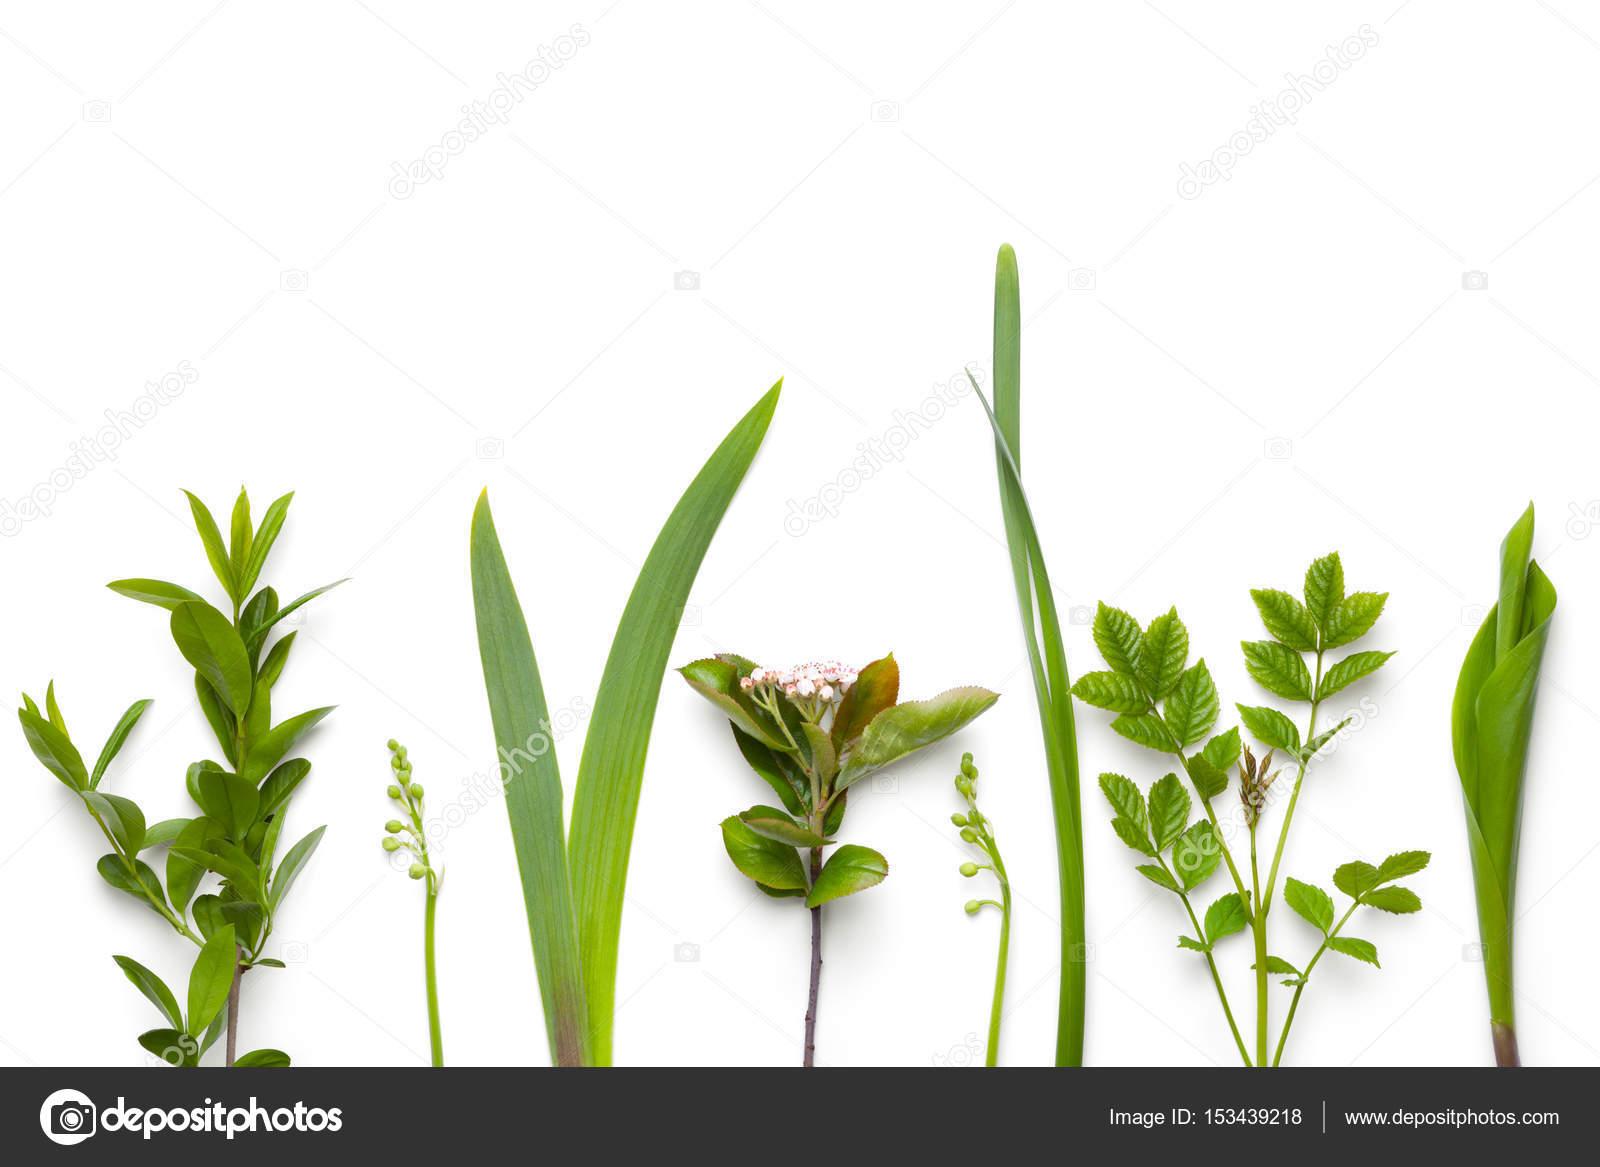 Entzückend Grüne Pflanzen Sammlung Von Grüne Isoliert Auf Weißem Hintergrund — Stockfoto